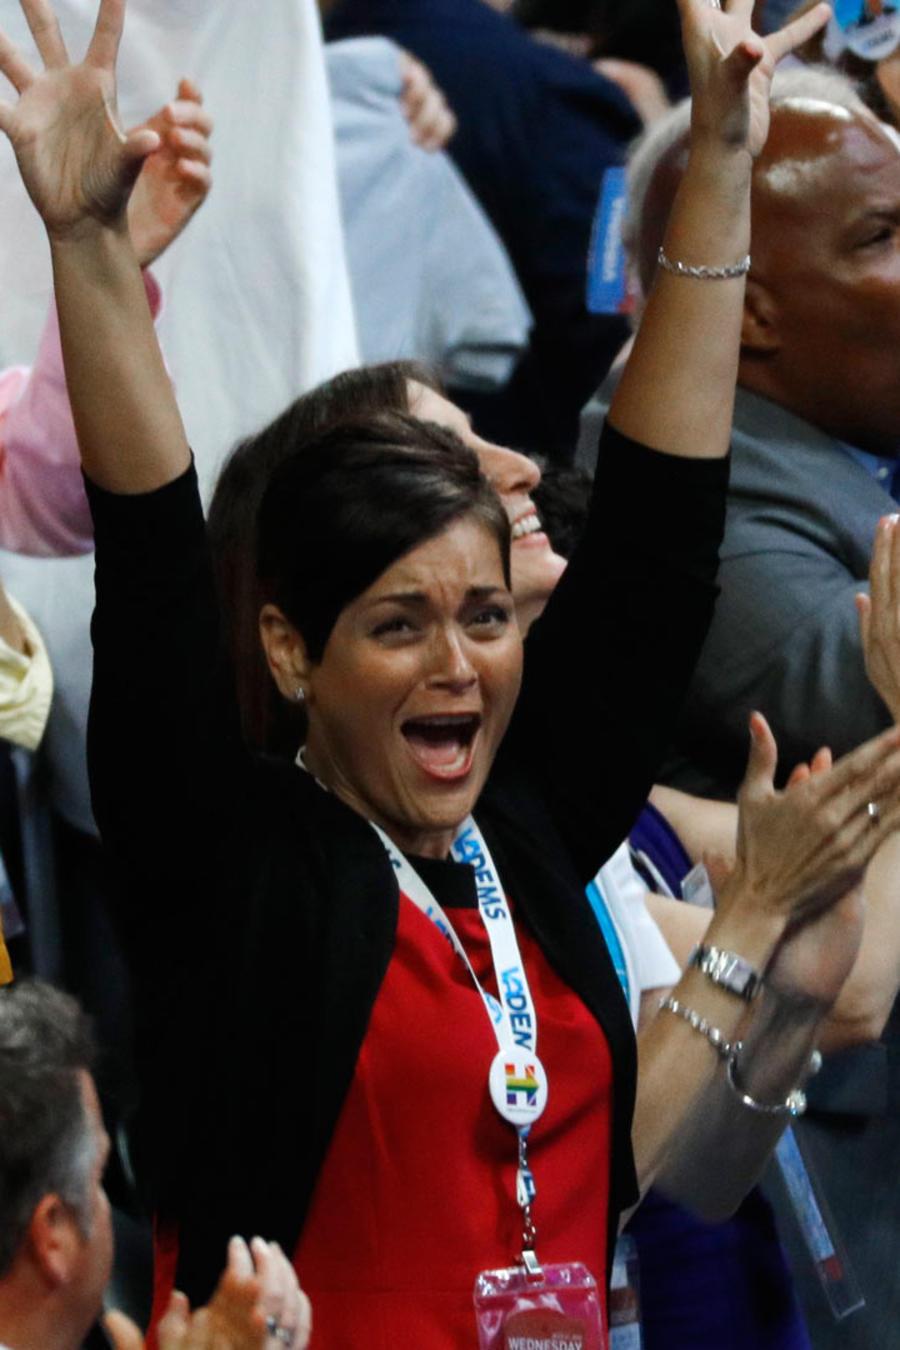 hispanos en convencion democrata